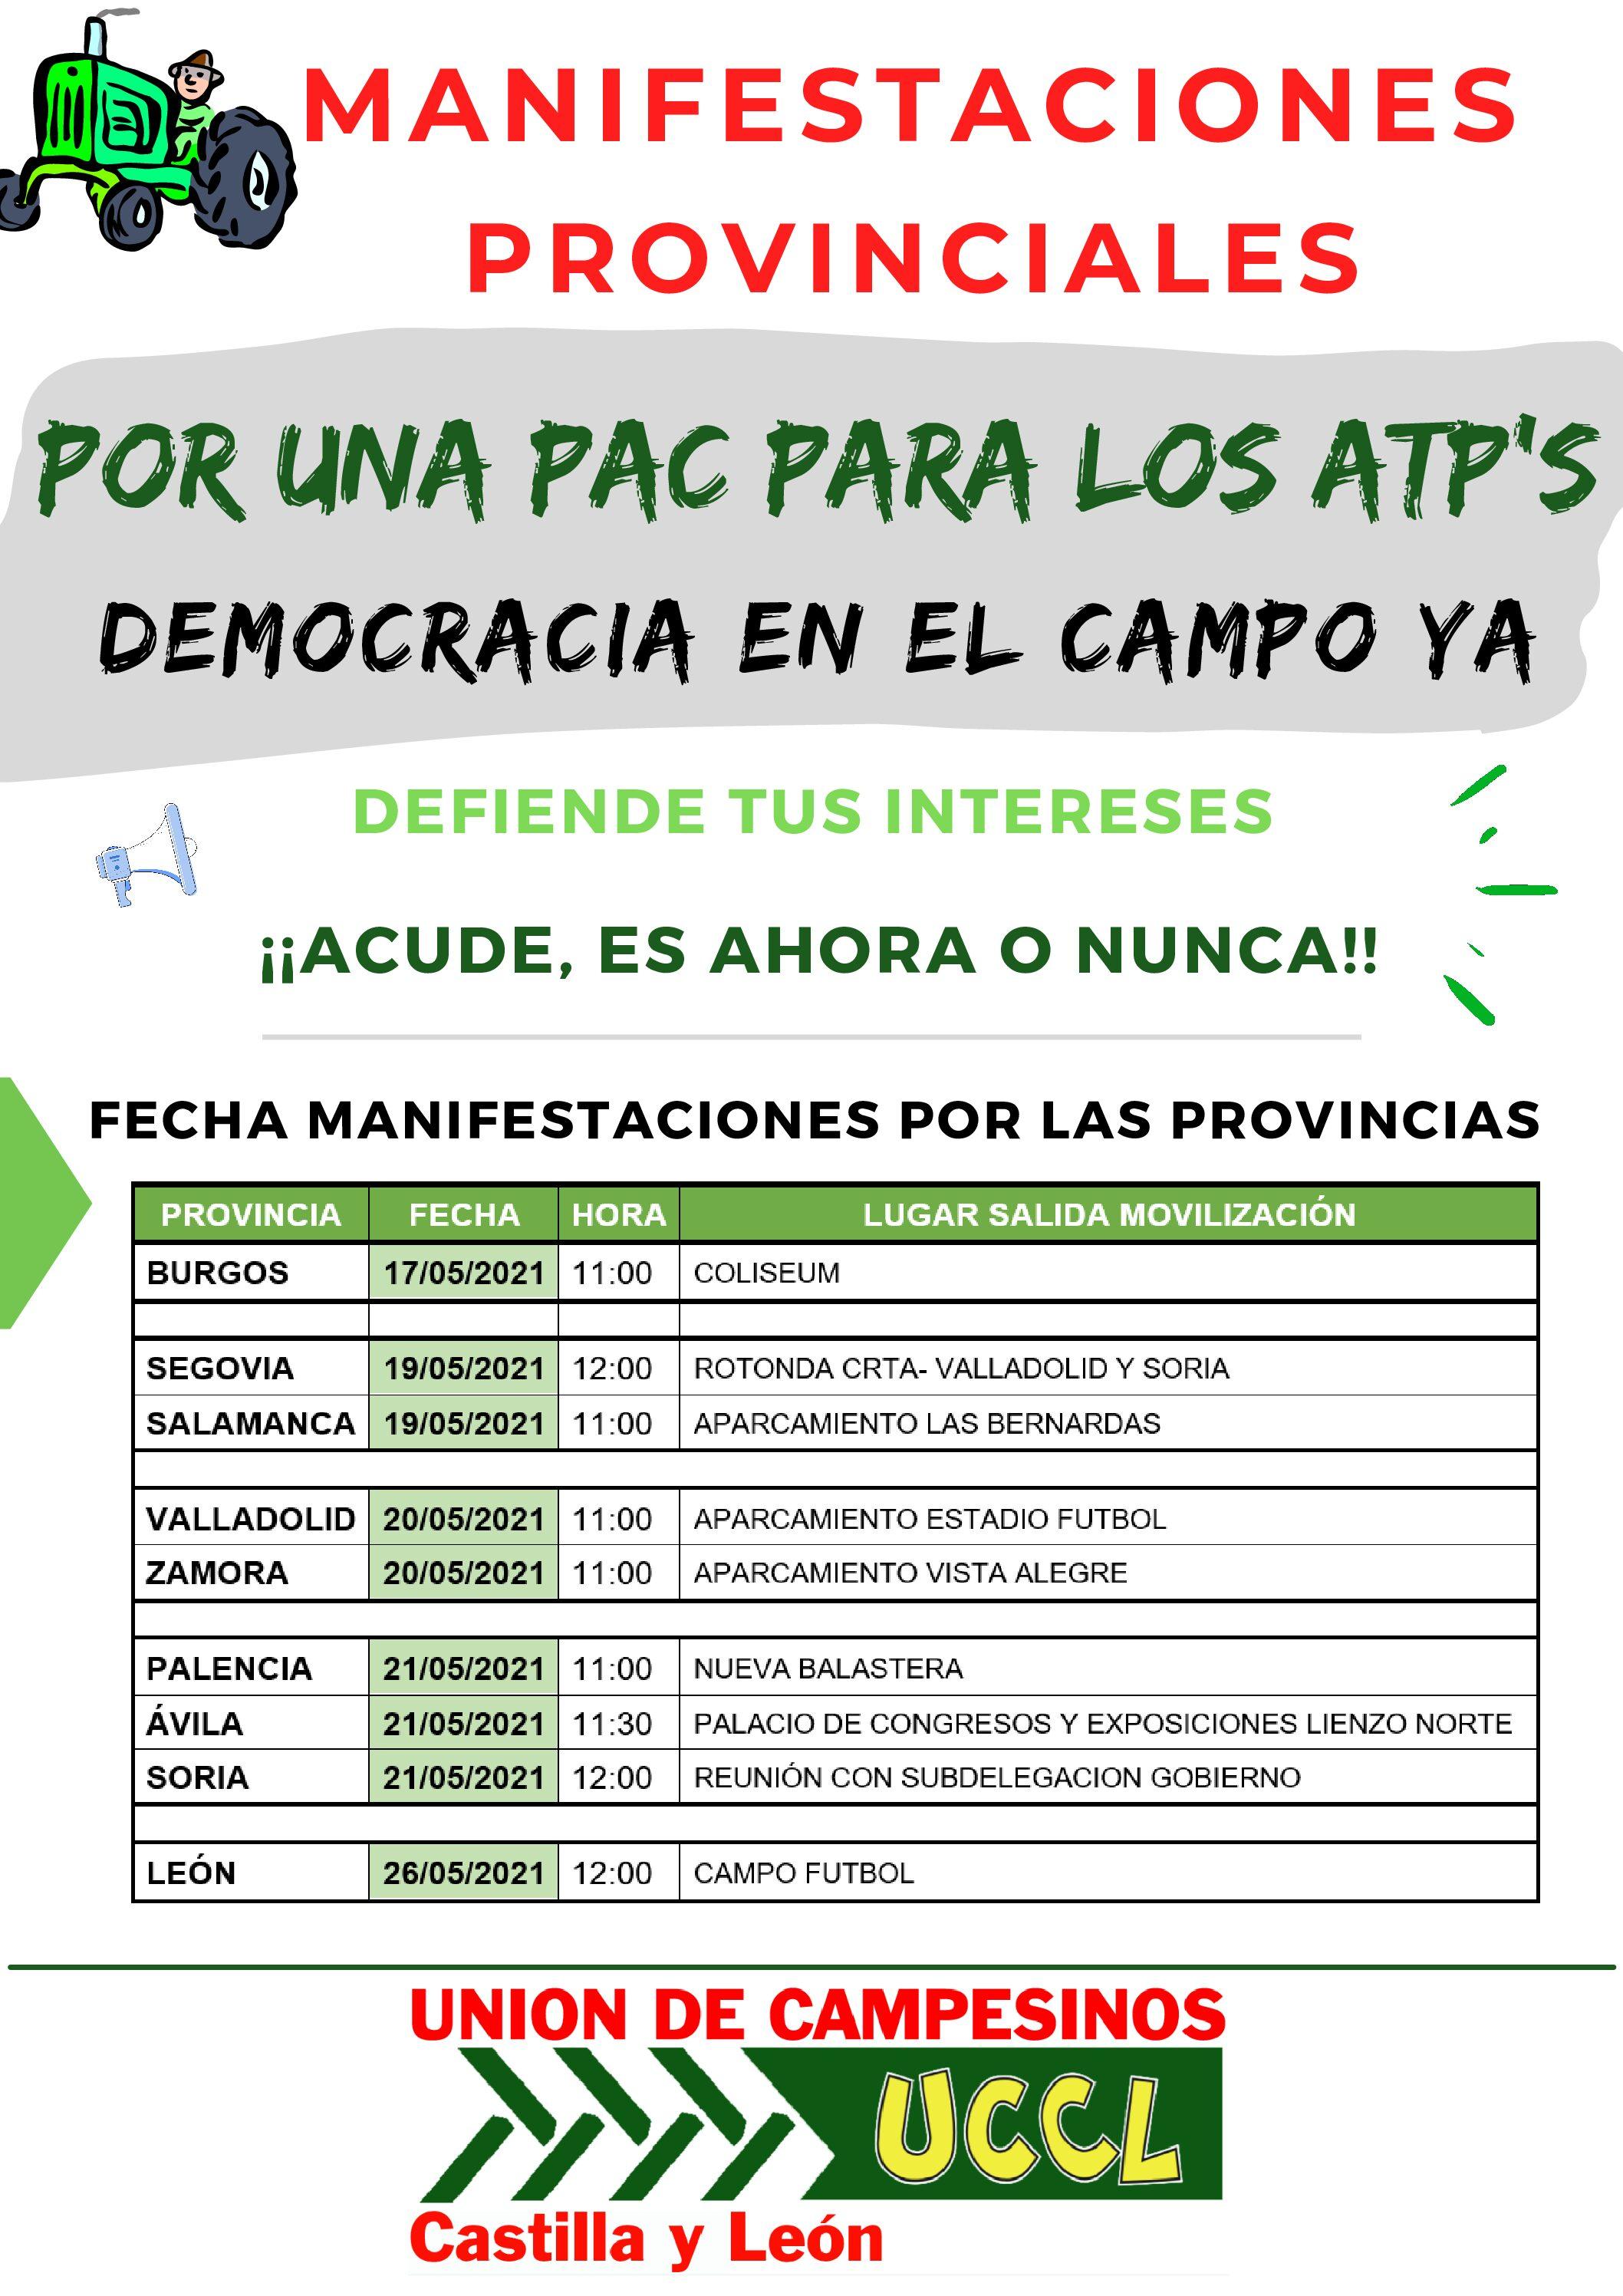 """MANIFESTACIONES PROVINCIALES """"POR UNA PAC PARA LOS ATP´S"""" ¡¡DEMOCRACIA EN EL CAMPO YA!!"""